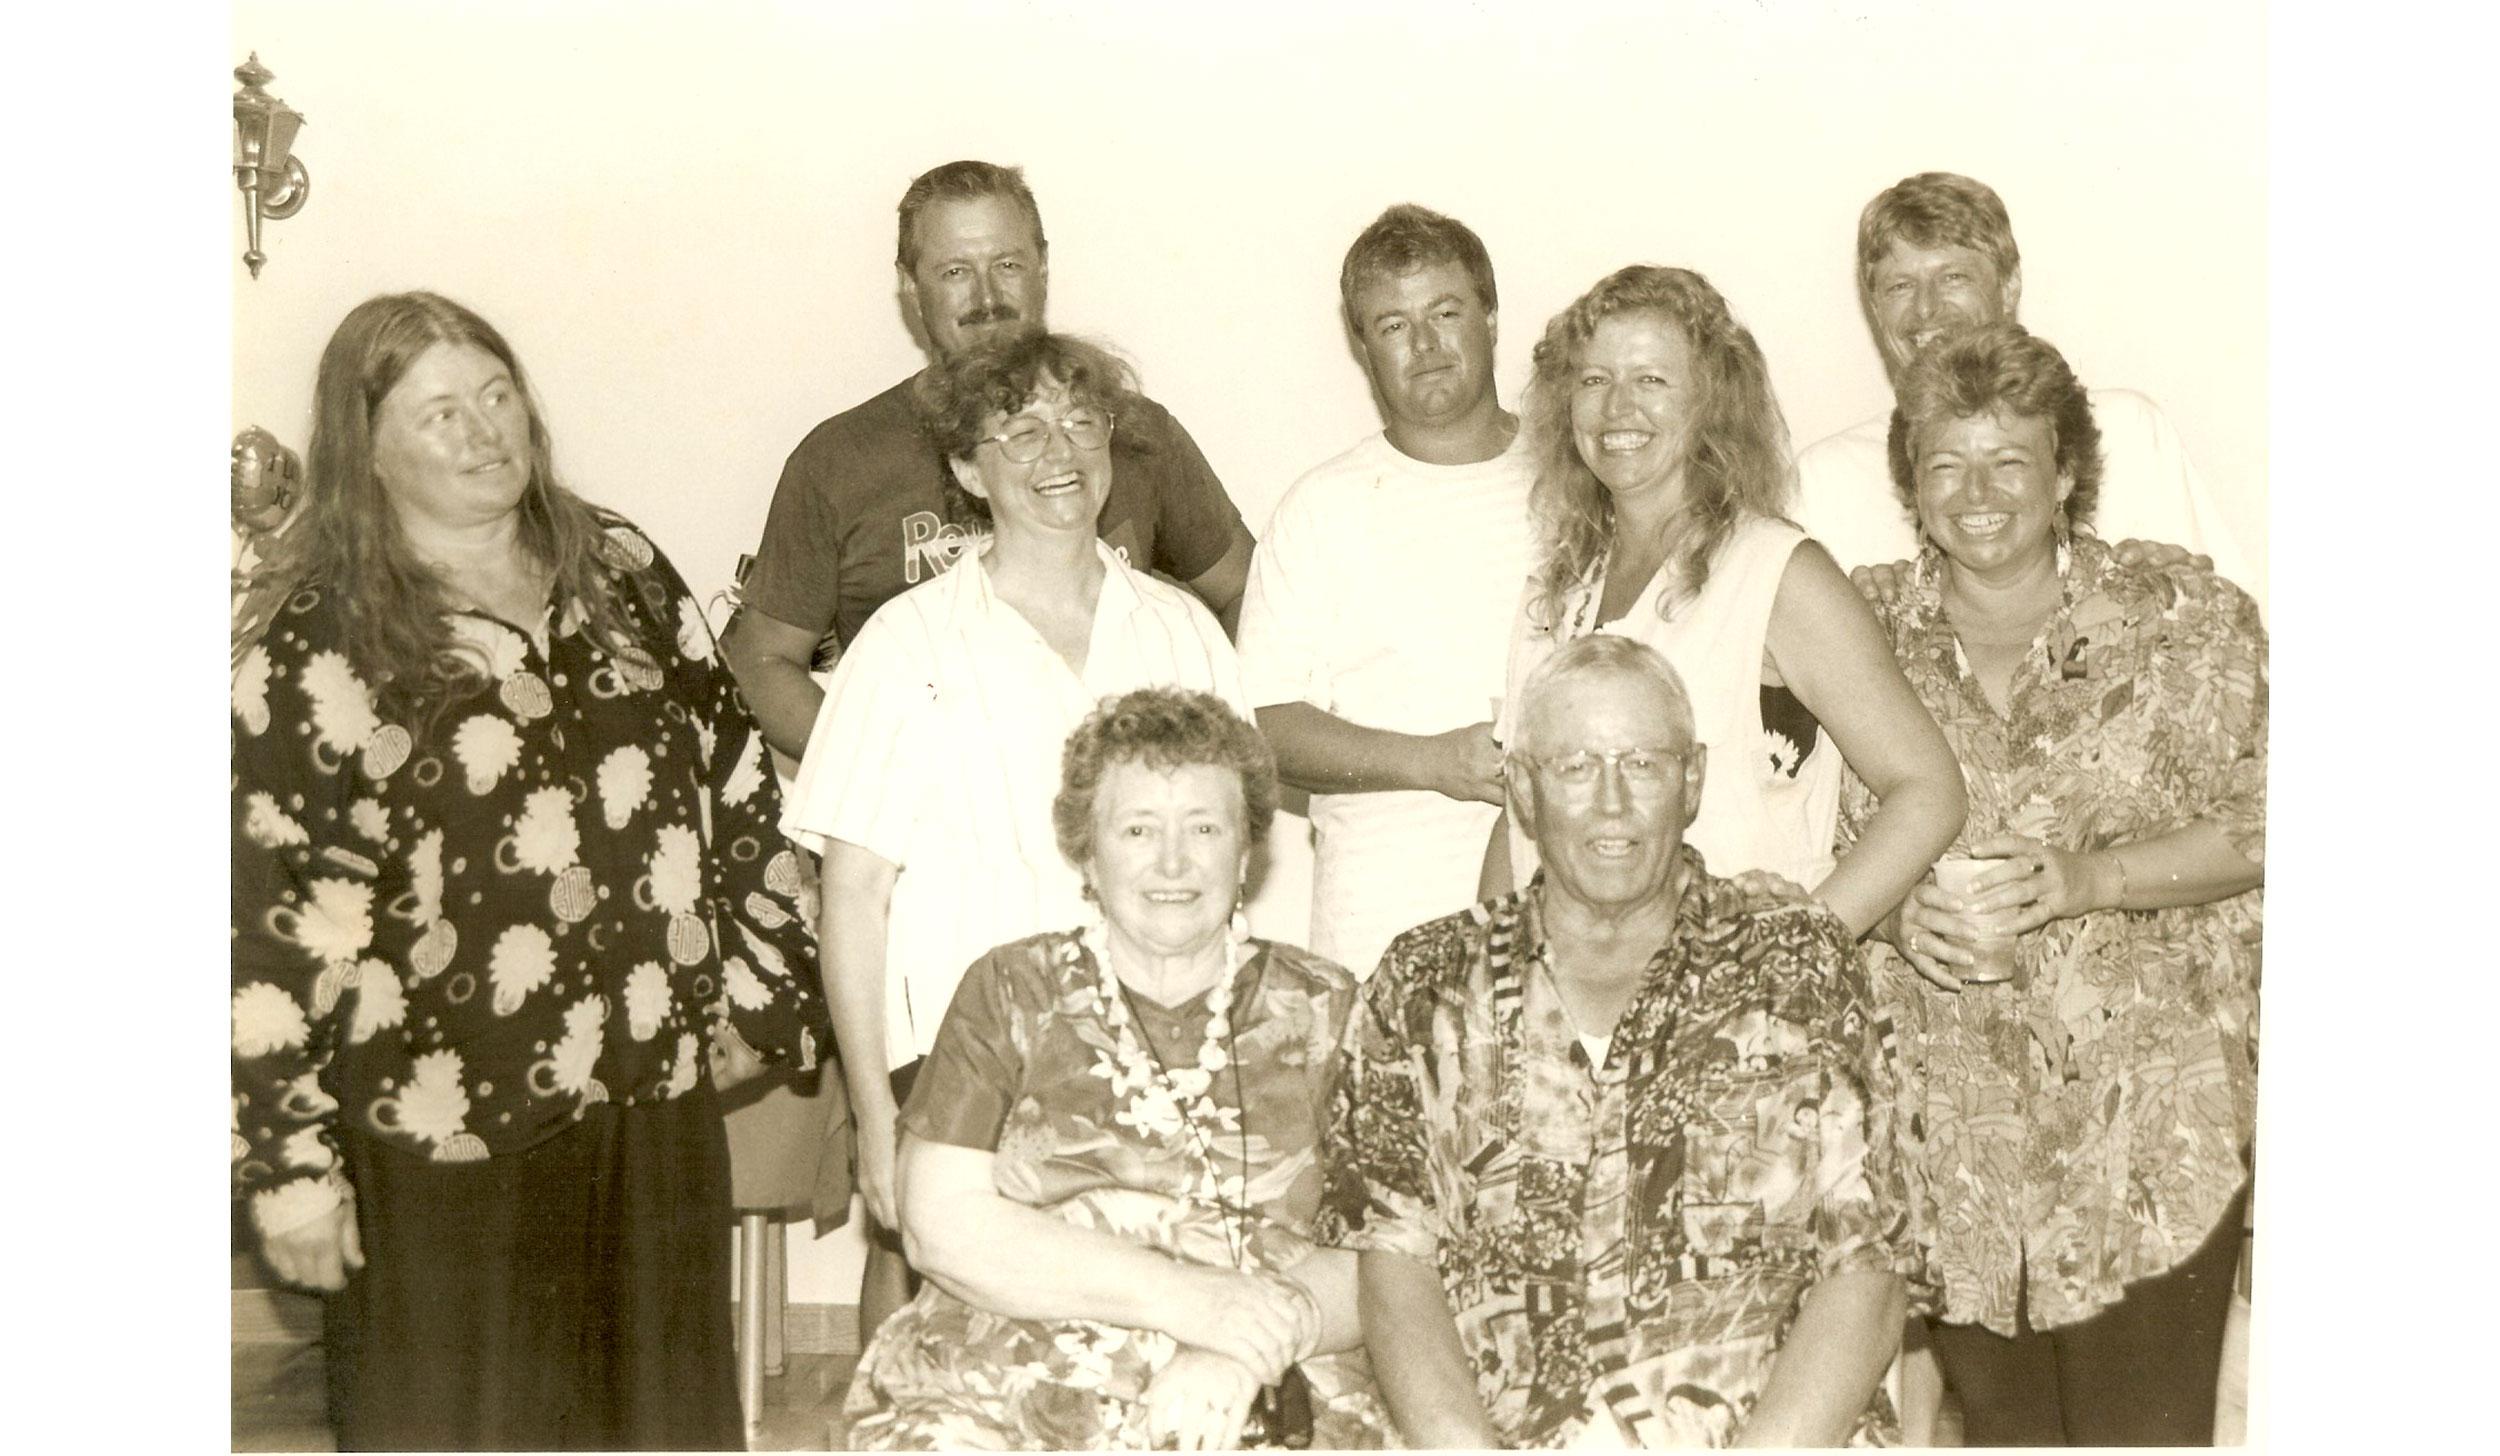 familypic2.jpg